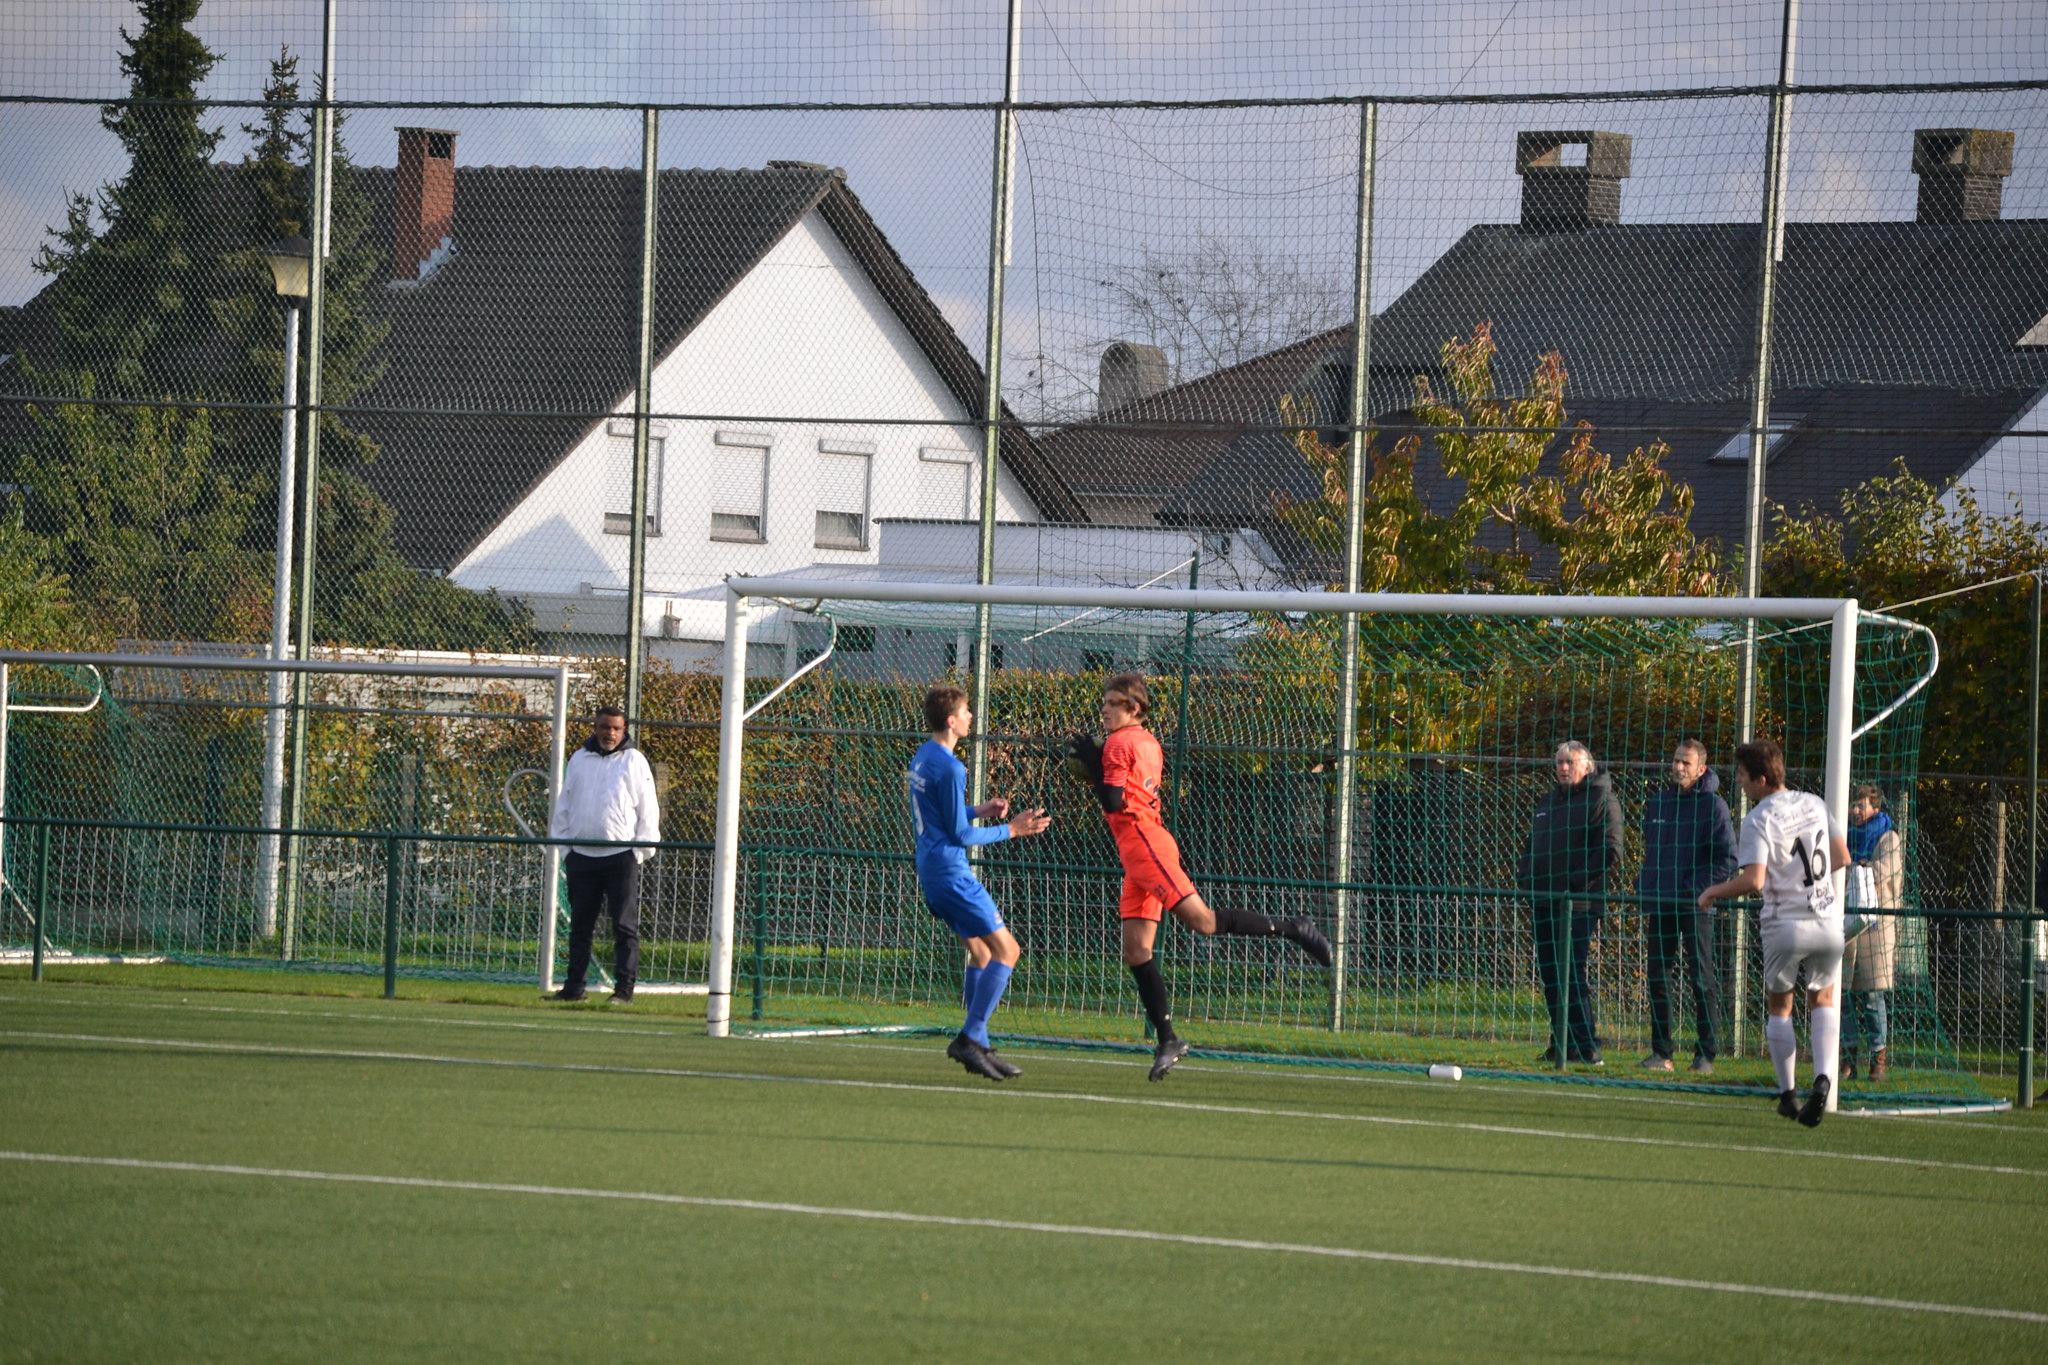 U17A - 9/11/2019 - F.C.V. Dender E.H. - Sporting Kampenhout